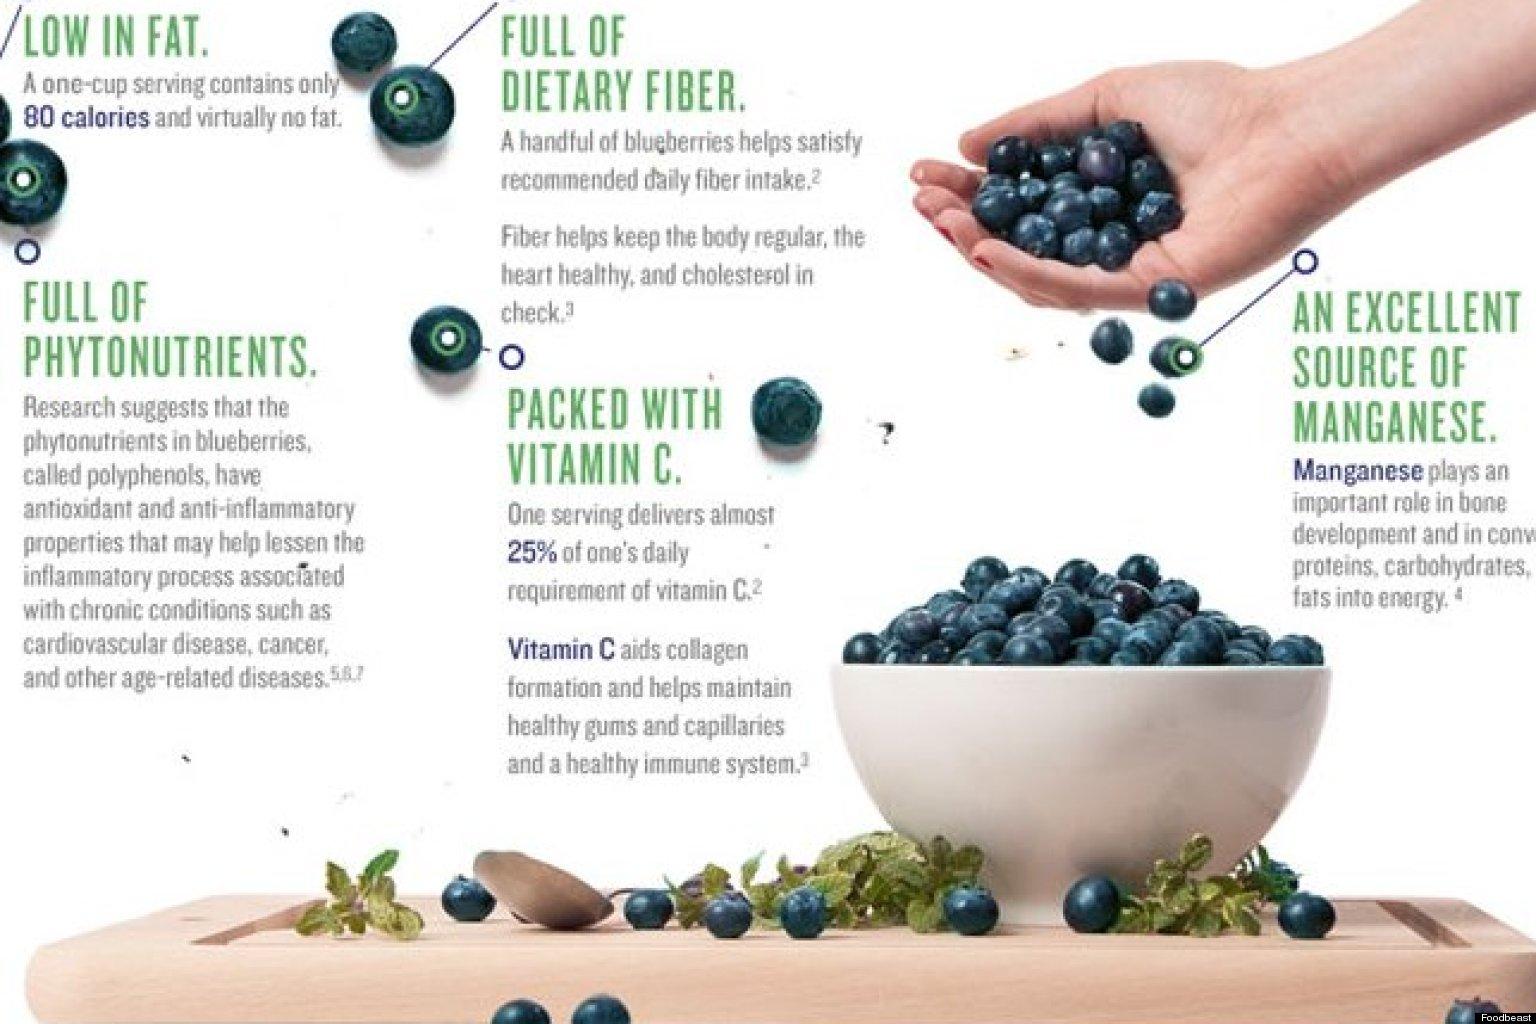 We're Eating 2x As Many Blueberries As We Were In 2005 ... Helena Bonham Carter Facebook